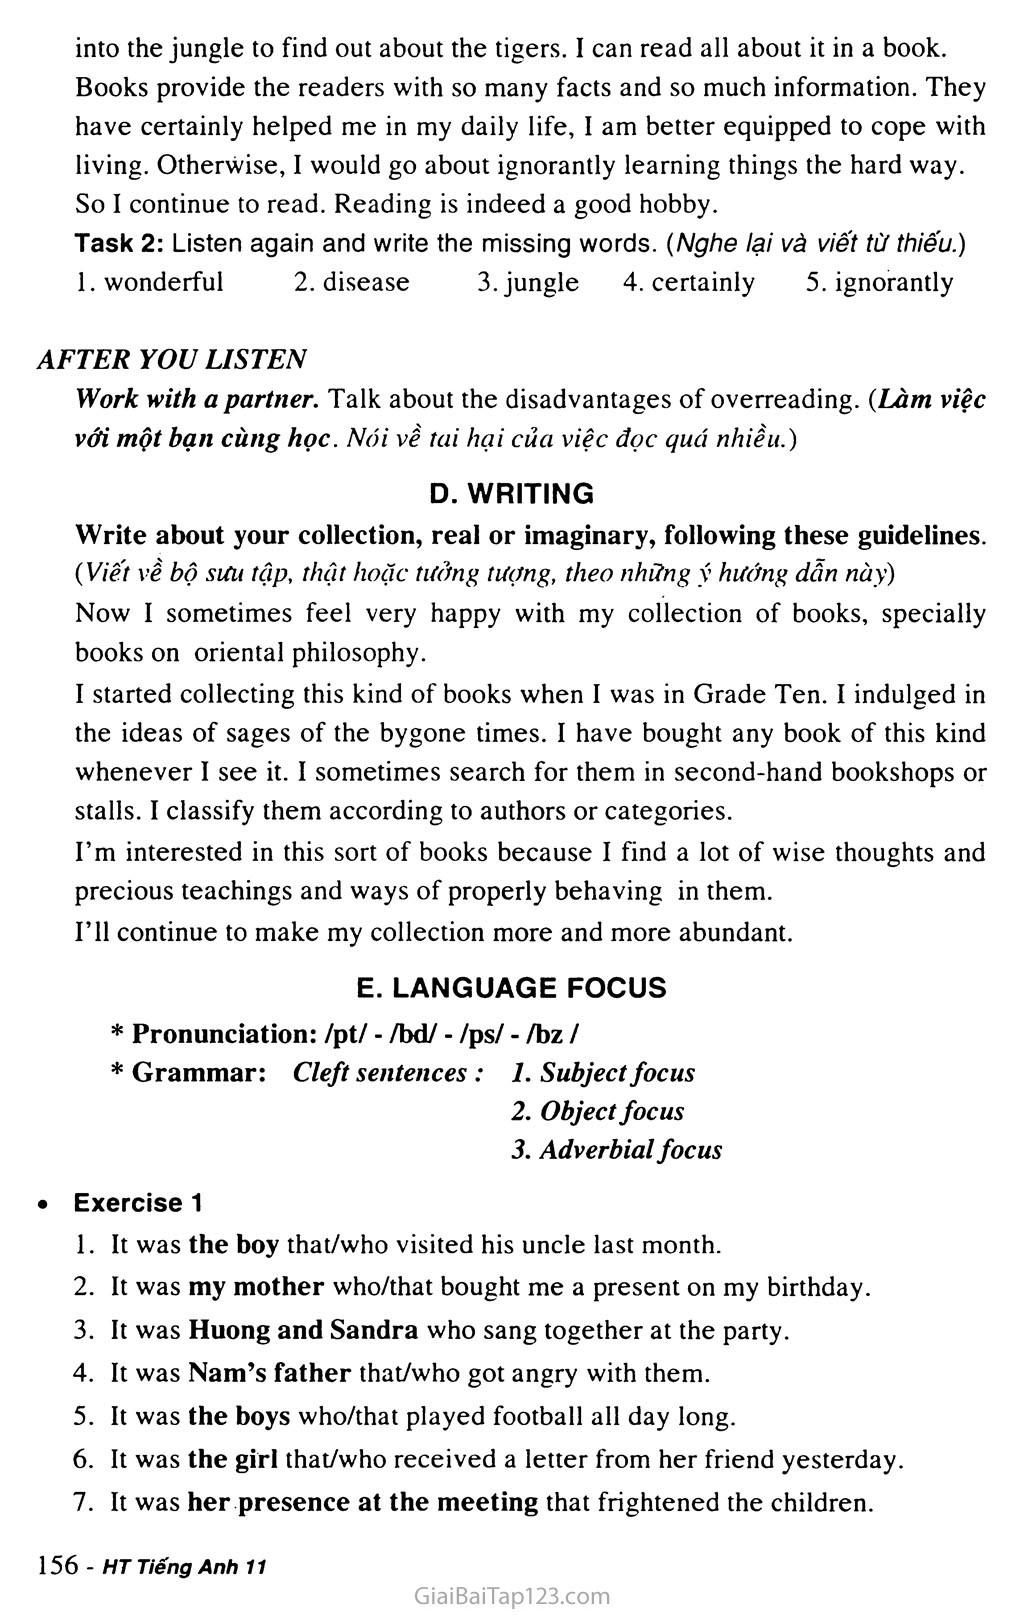 Unit 13: HOBBIES trang 9